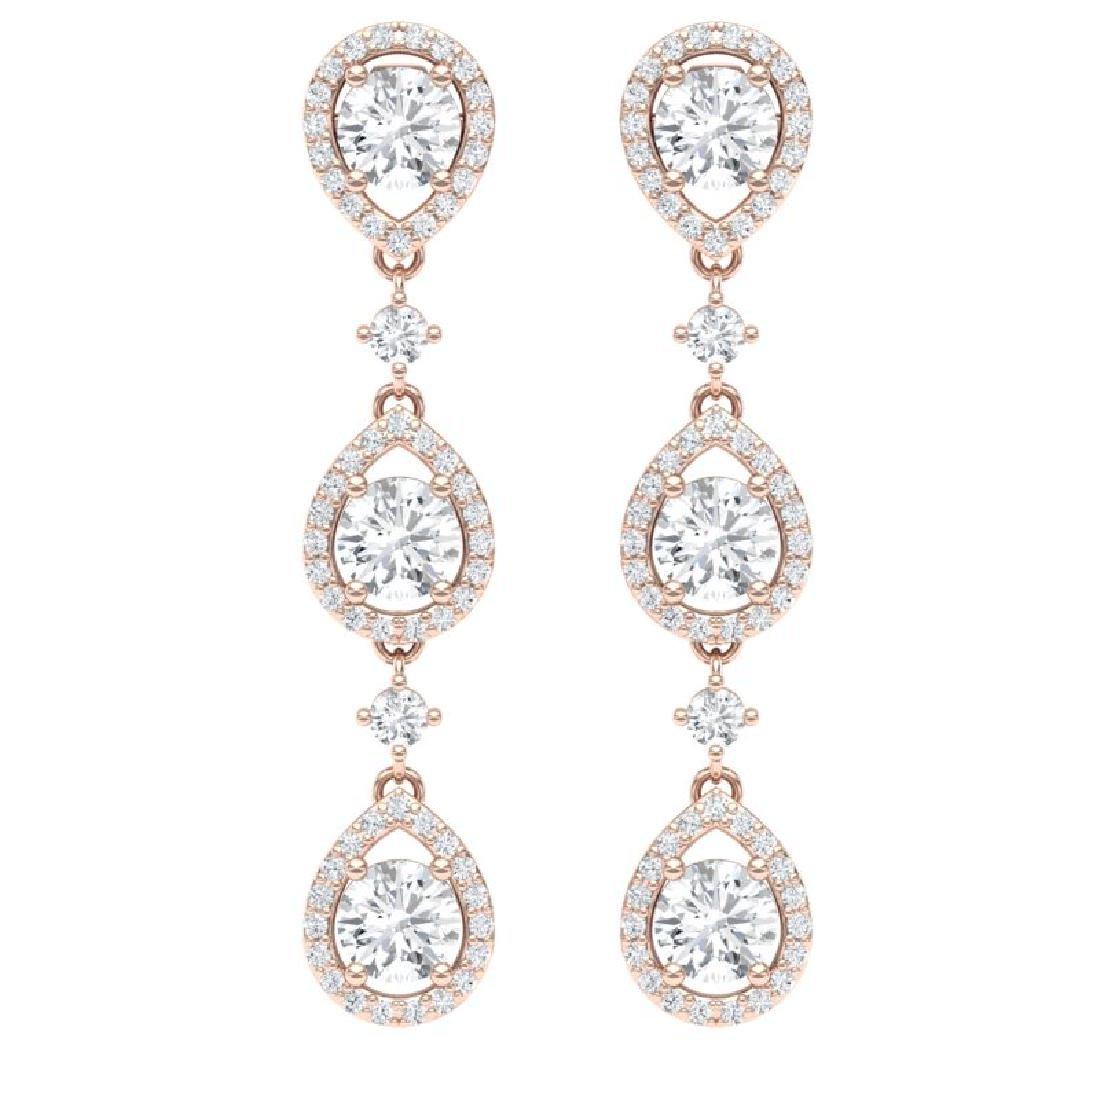 4.45 CTW Royalty Designer VS/SI Diamond Earrings 18K